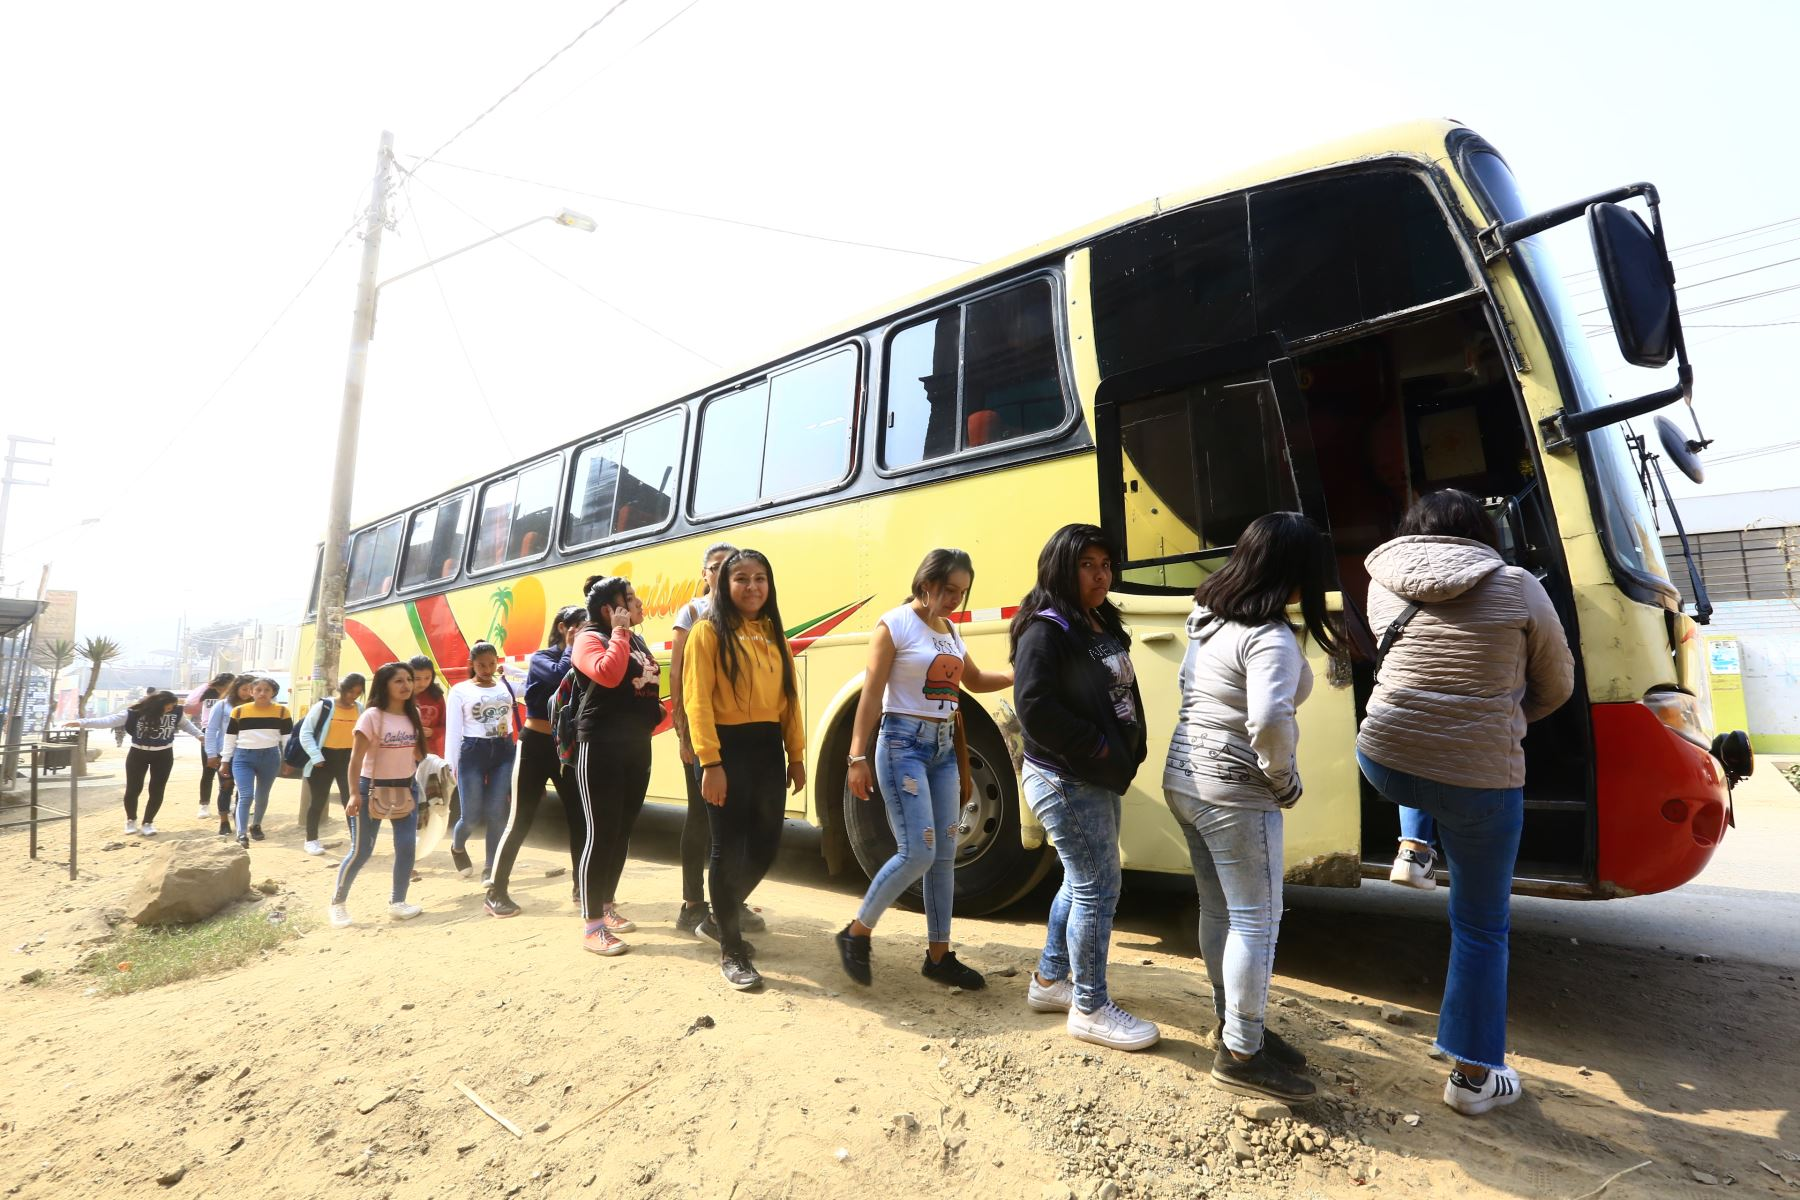 Niños de Huachipa asisten a la Clausura de los Juegos Panamericanos gracias a las entradas Solidarias de Lima 2019  Foto: ANDINA/Pedro Cardenas